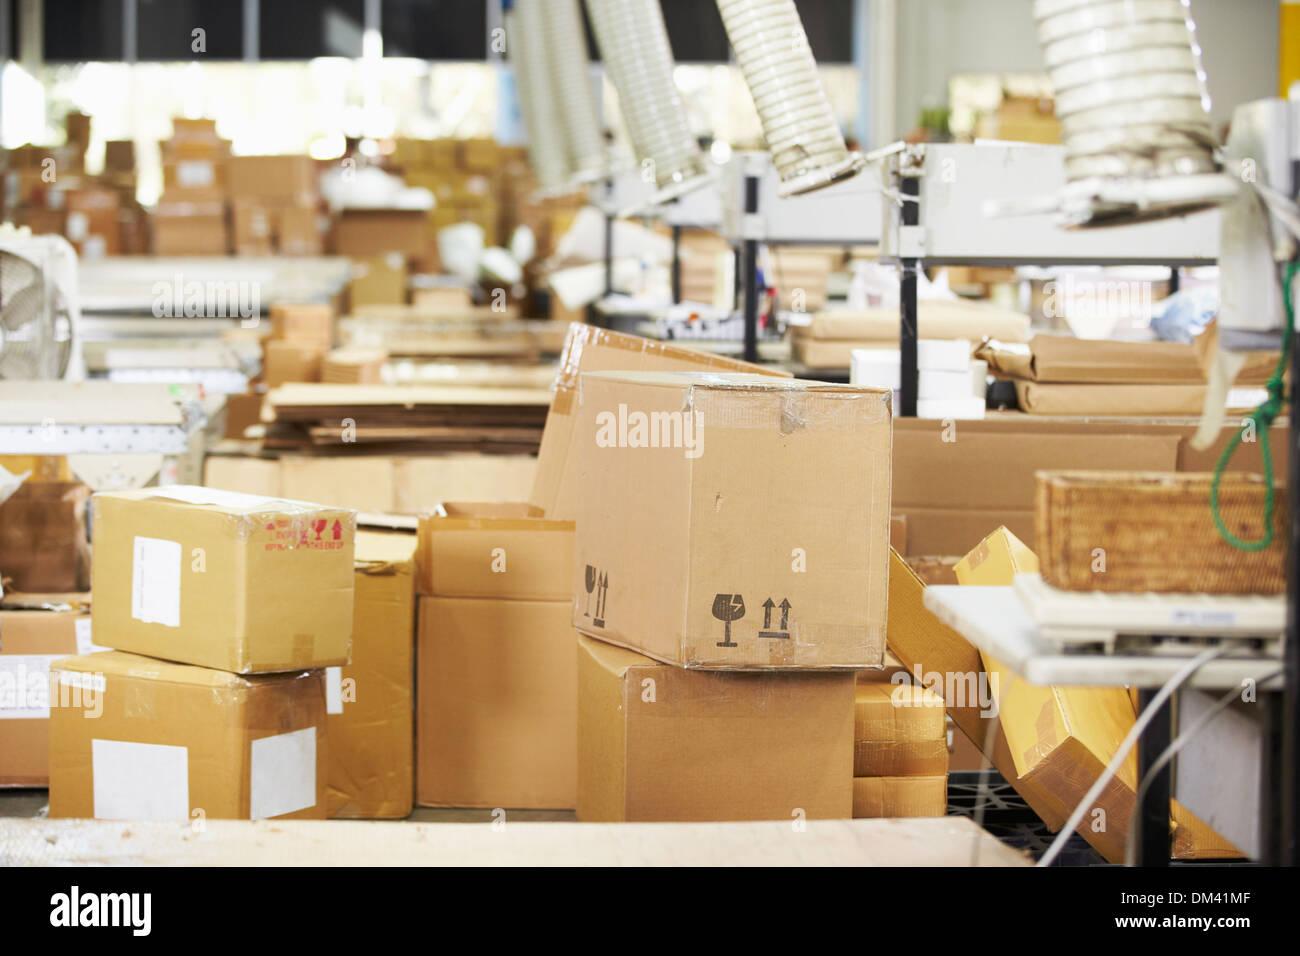 L'intérieur de l'entrepôt de distribution vide Photo Stock